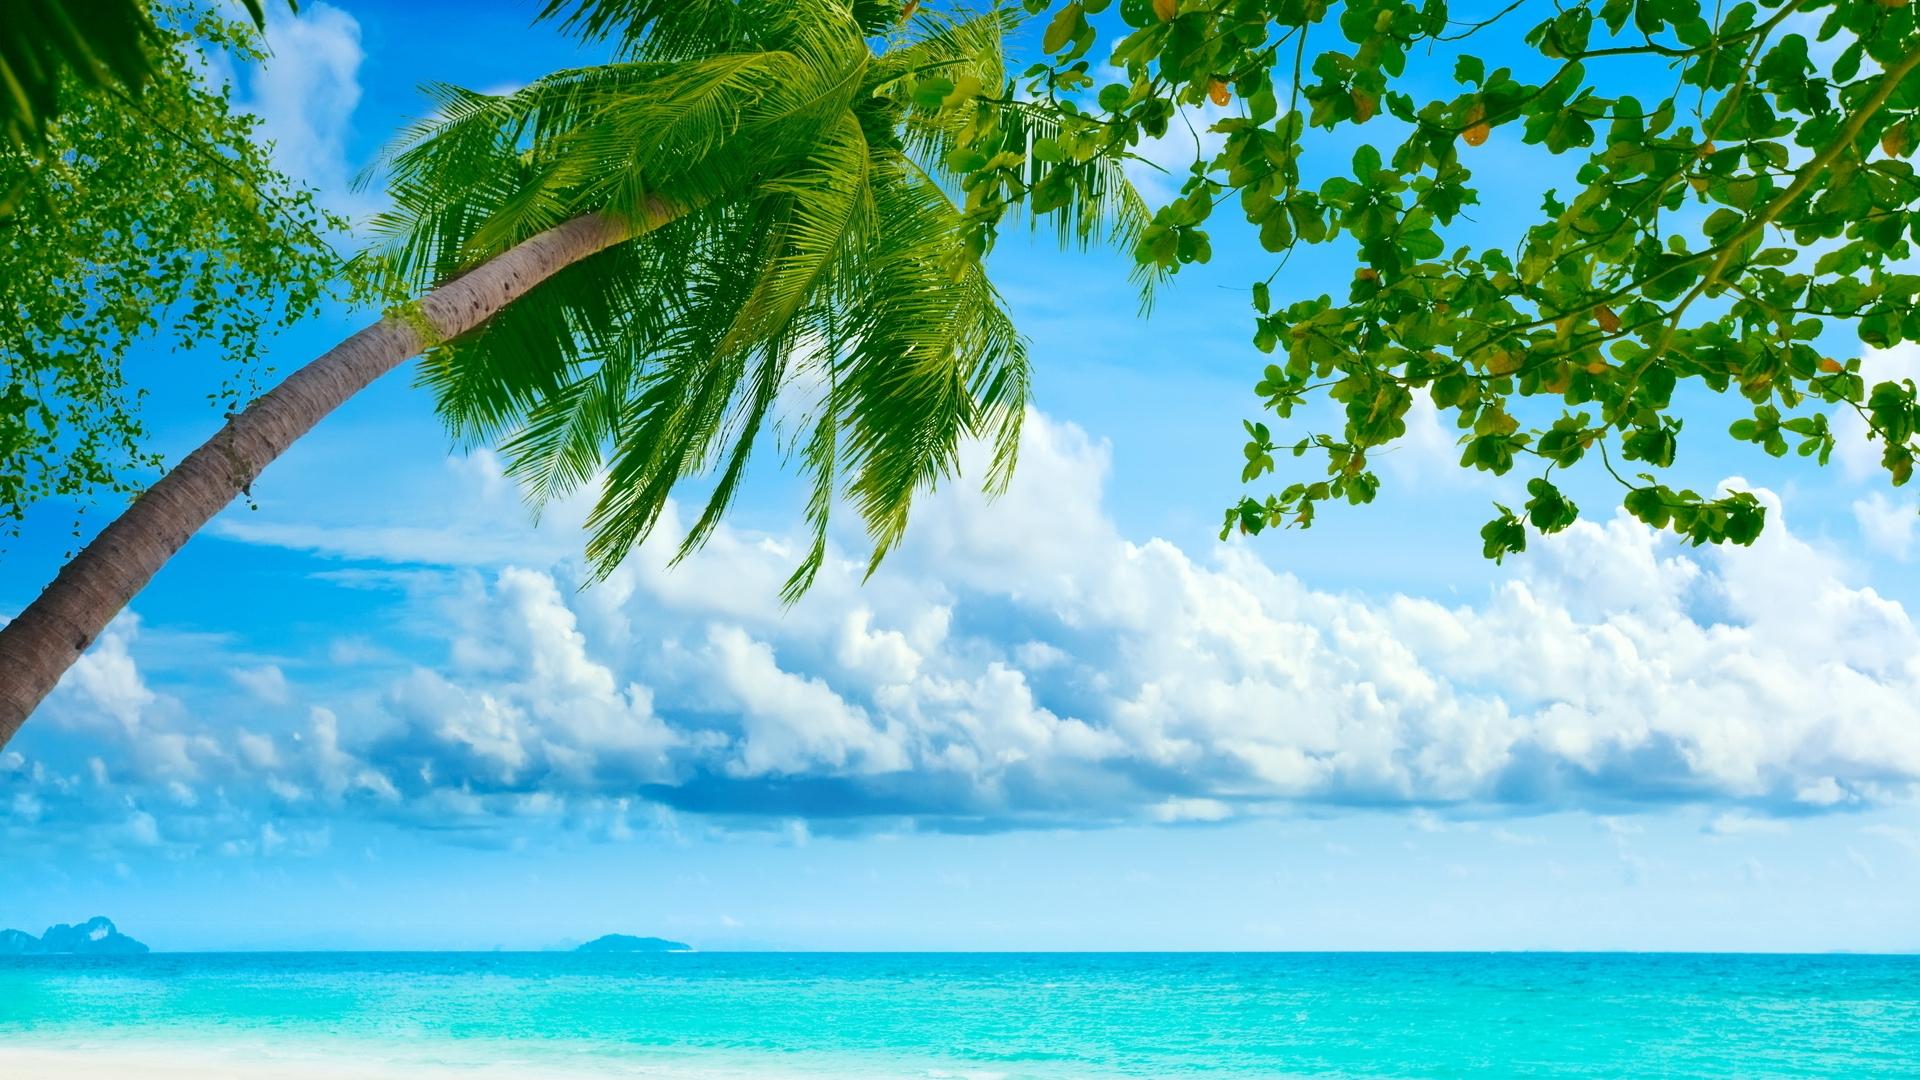 download Exotic Summer Day Wallpaper Summer HD Widescreen 1920x1080